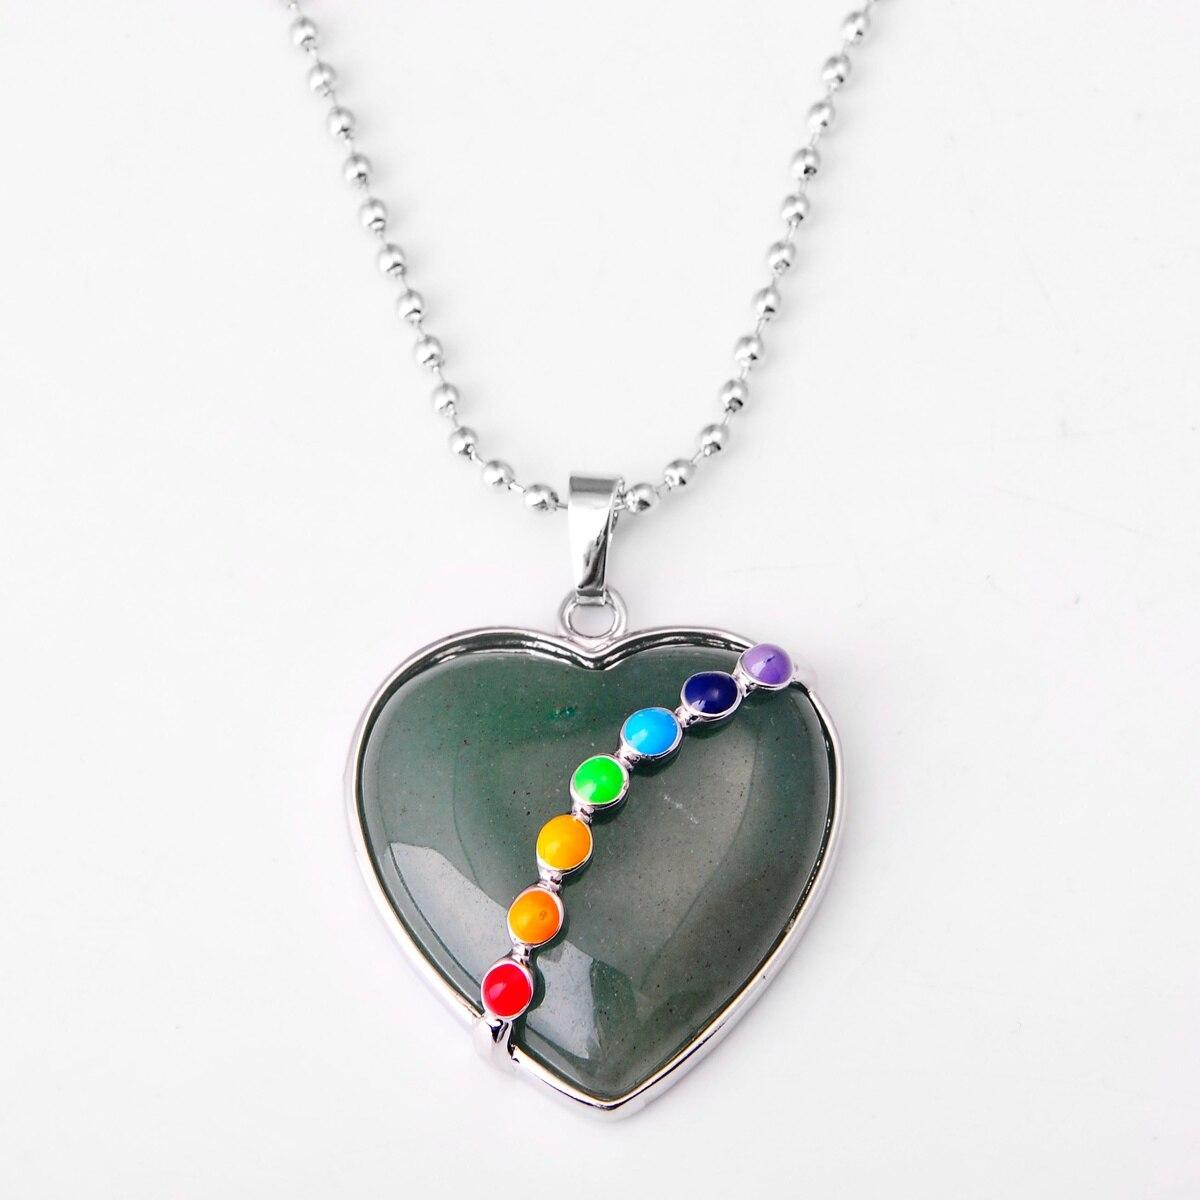 ASHMITA малахитовое сердце из кабошона с 7 чакра камень кулон ожерелье - Окраска металла: 52